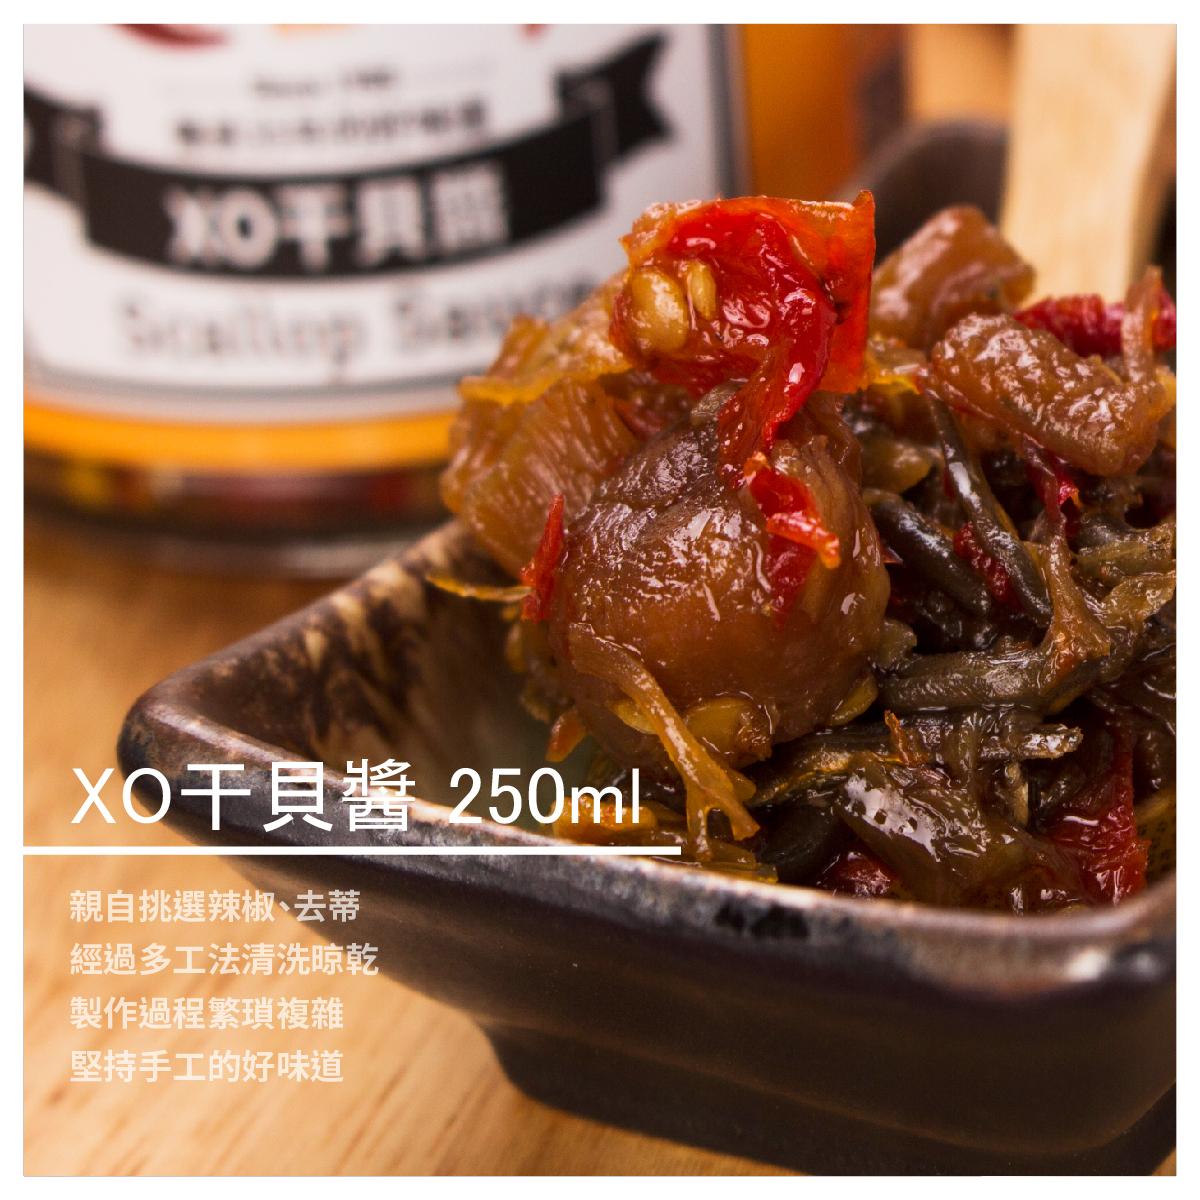 【小美辣椒油】XO干貝醬 250ml